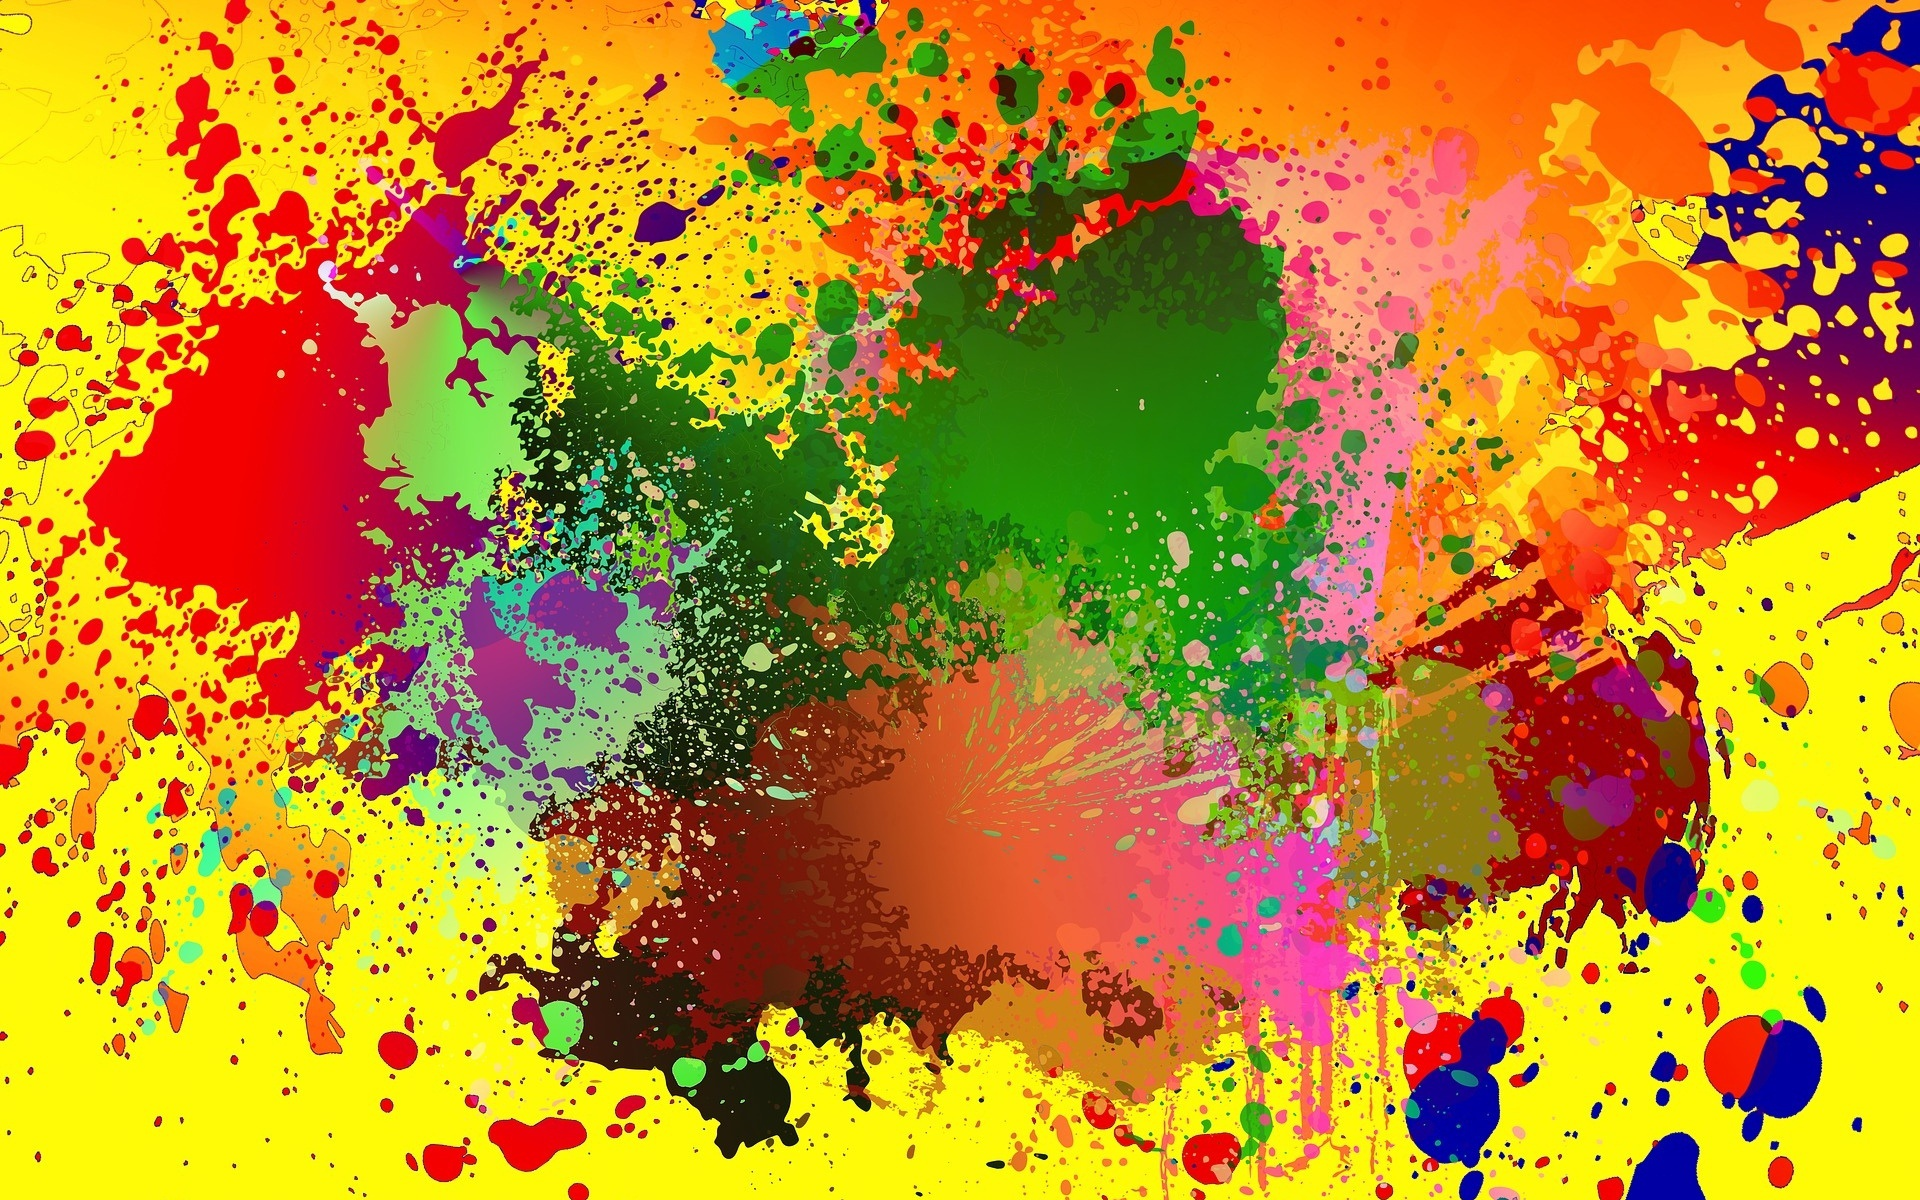 этой картинка пятен краски структура расцветка привлекает